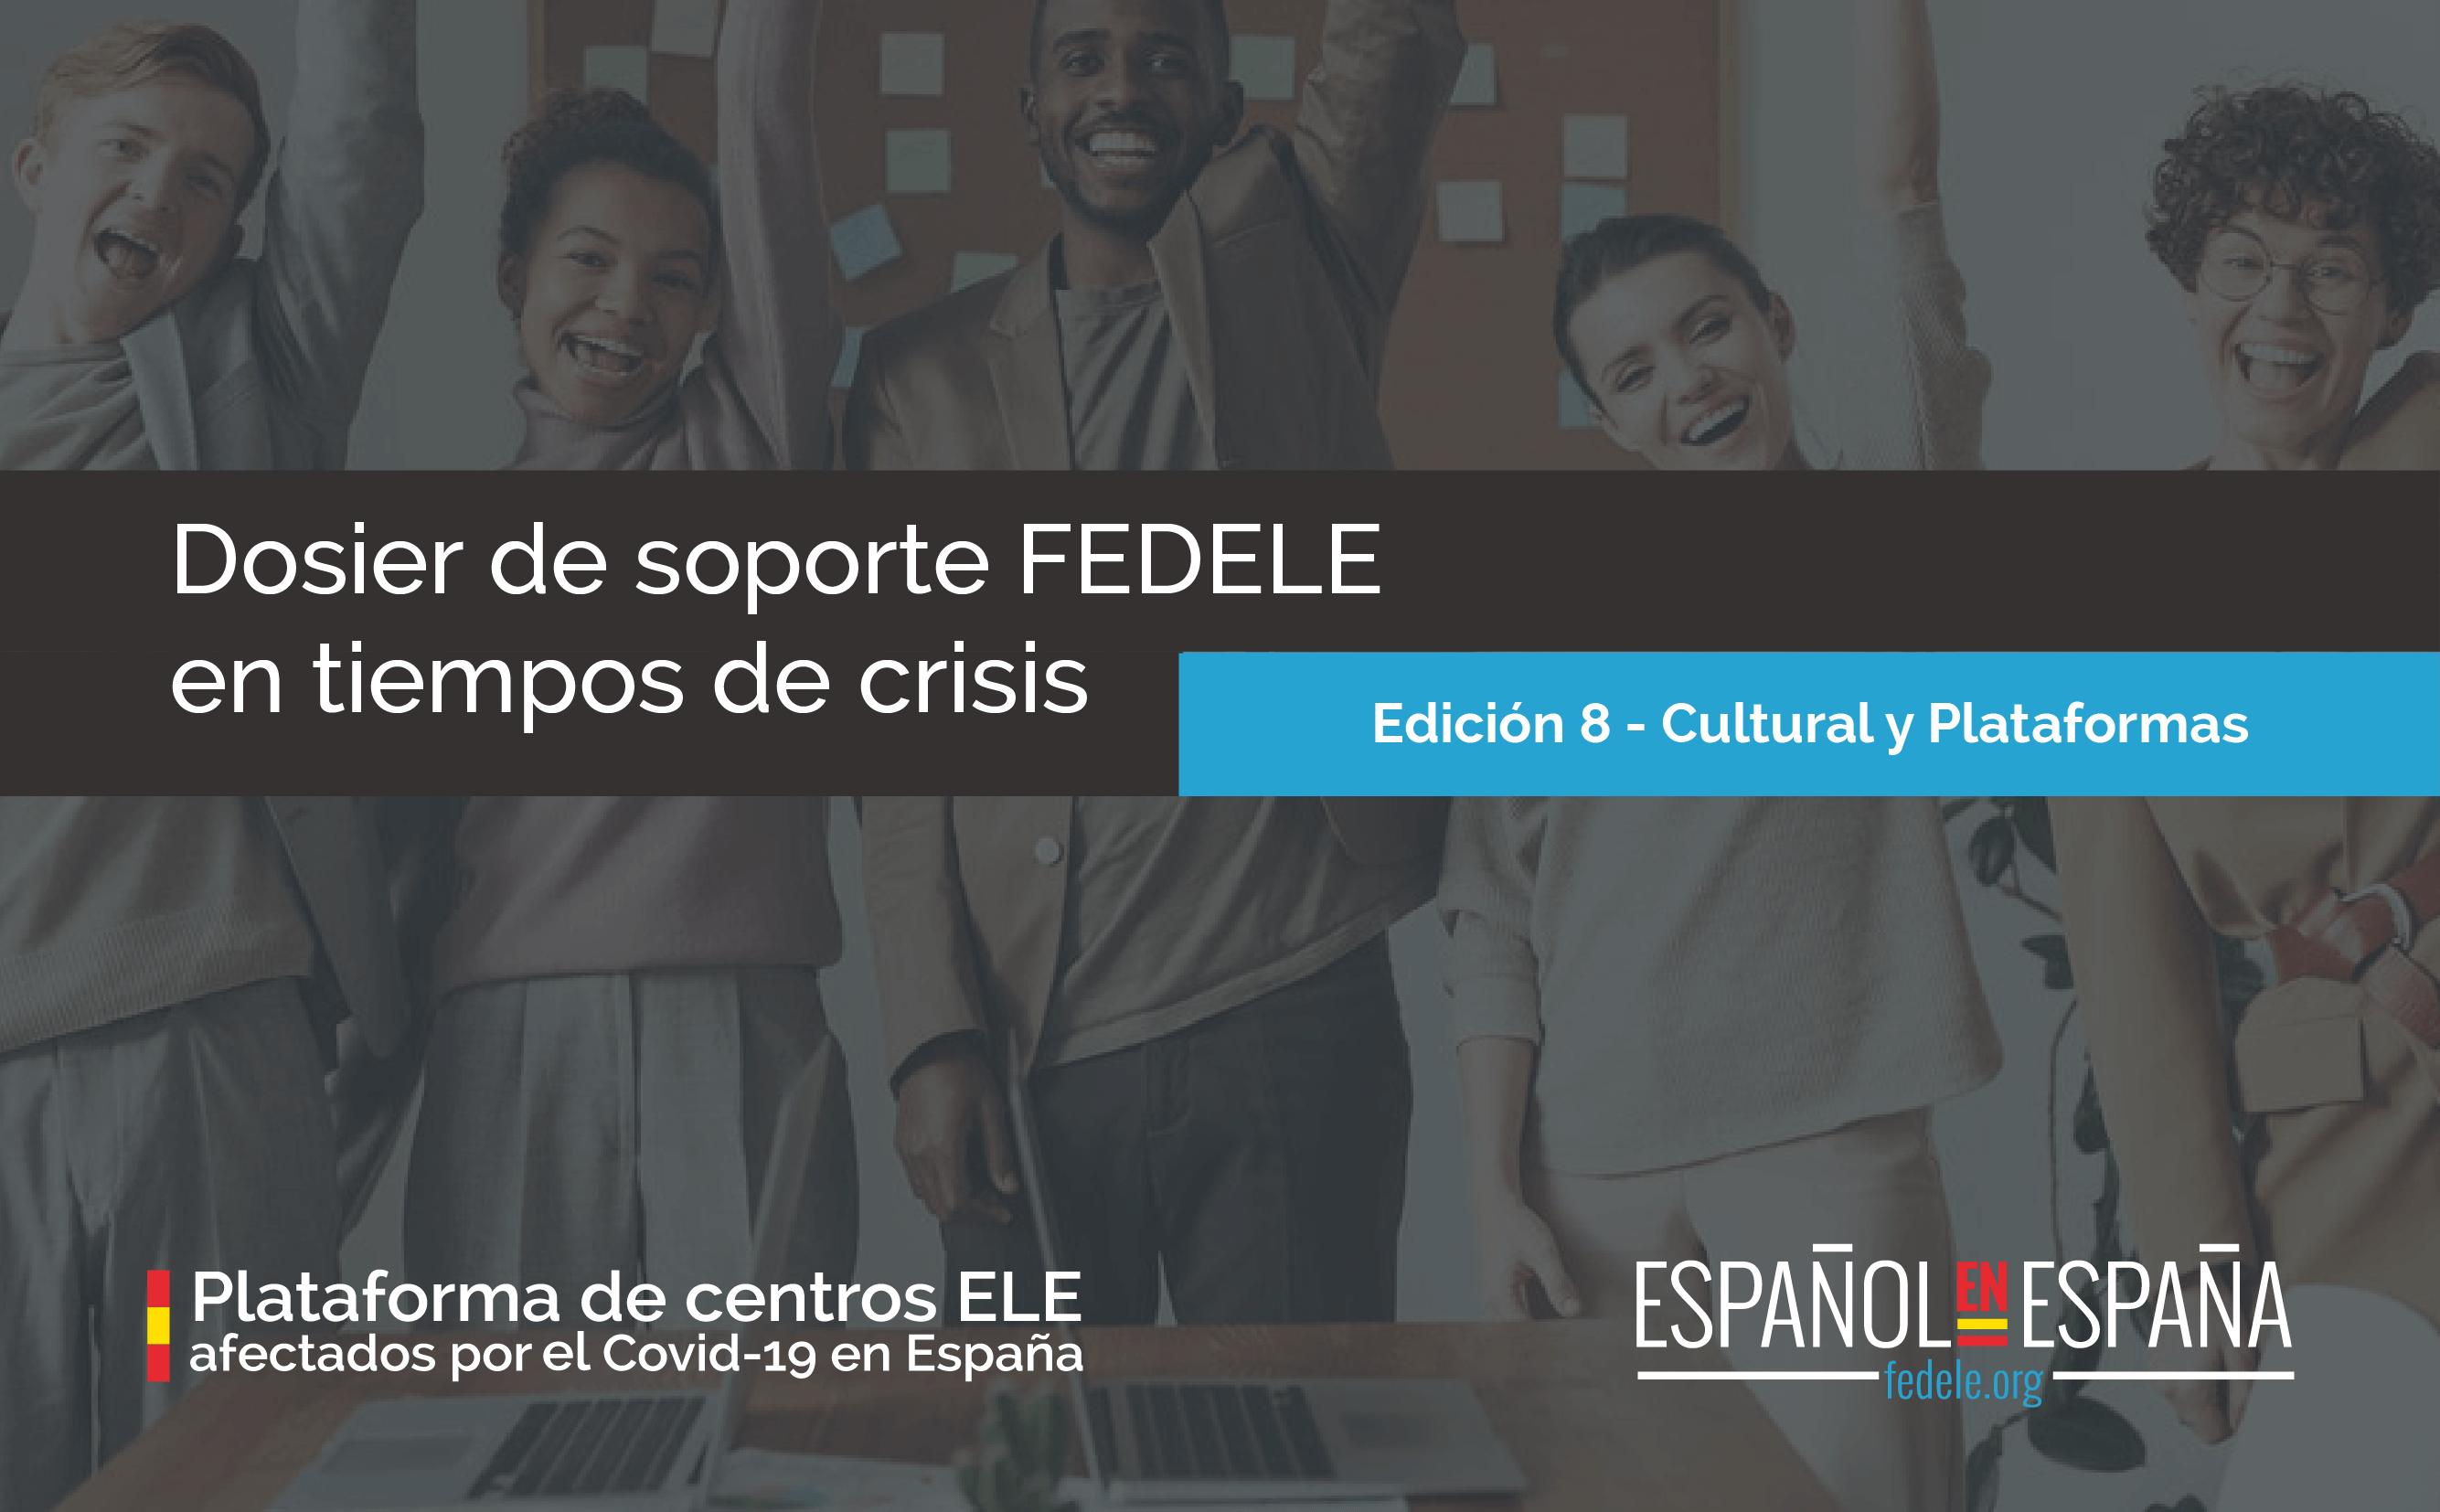 Dosier de soporte FEDELE en tiempo de crisis – Octava edición en abierto